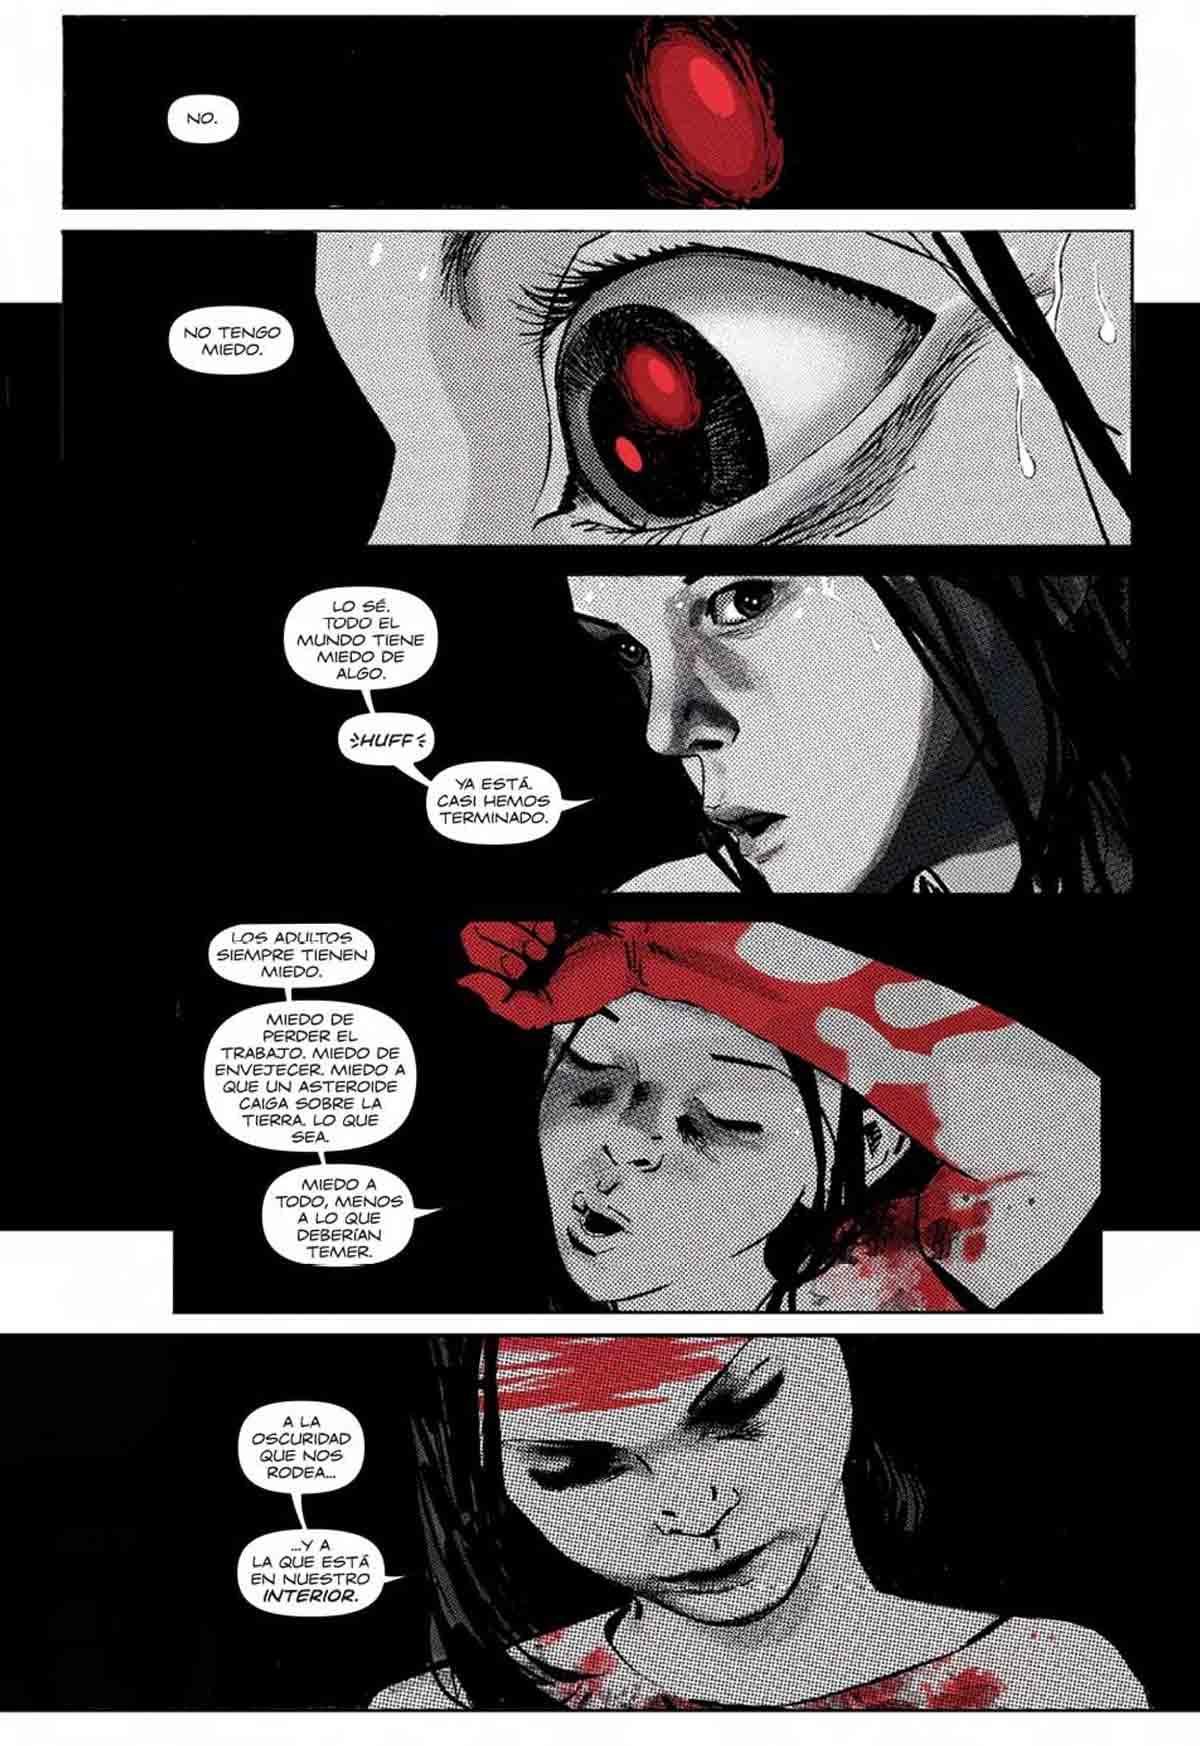 Camisa-de-fuerza-el-torres-guilleromo-sanna-Golem-Comics-03